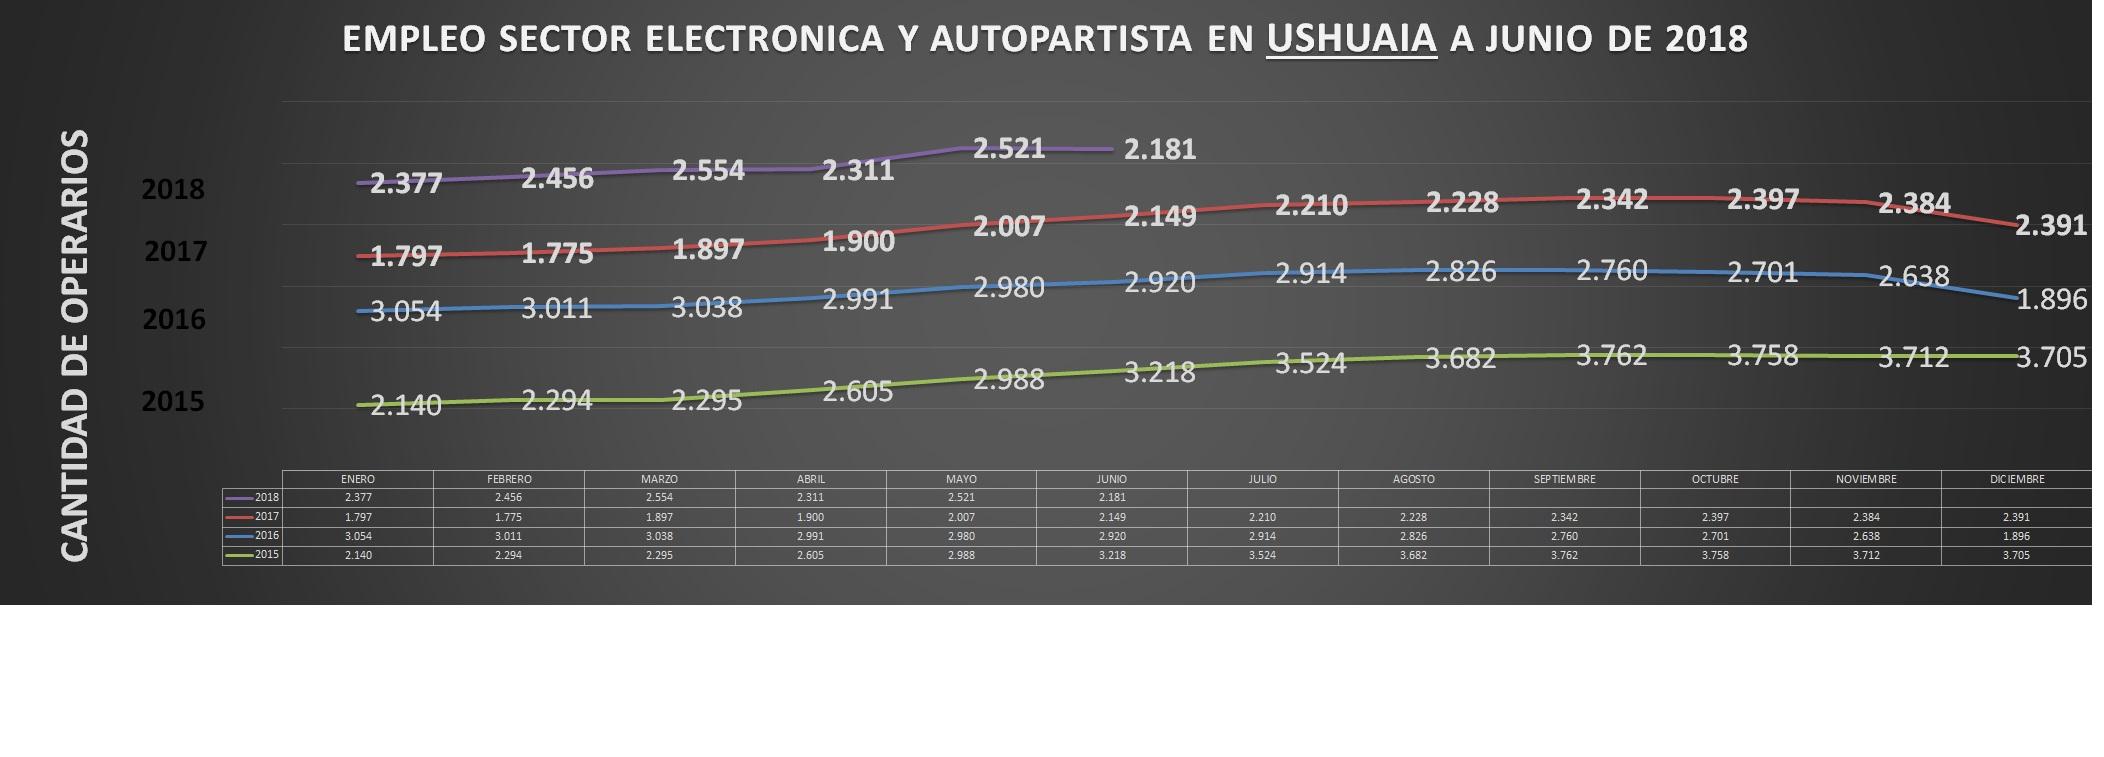 Empleo Electronica y Autopartes Ushuaia a junio 2018